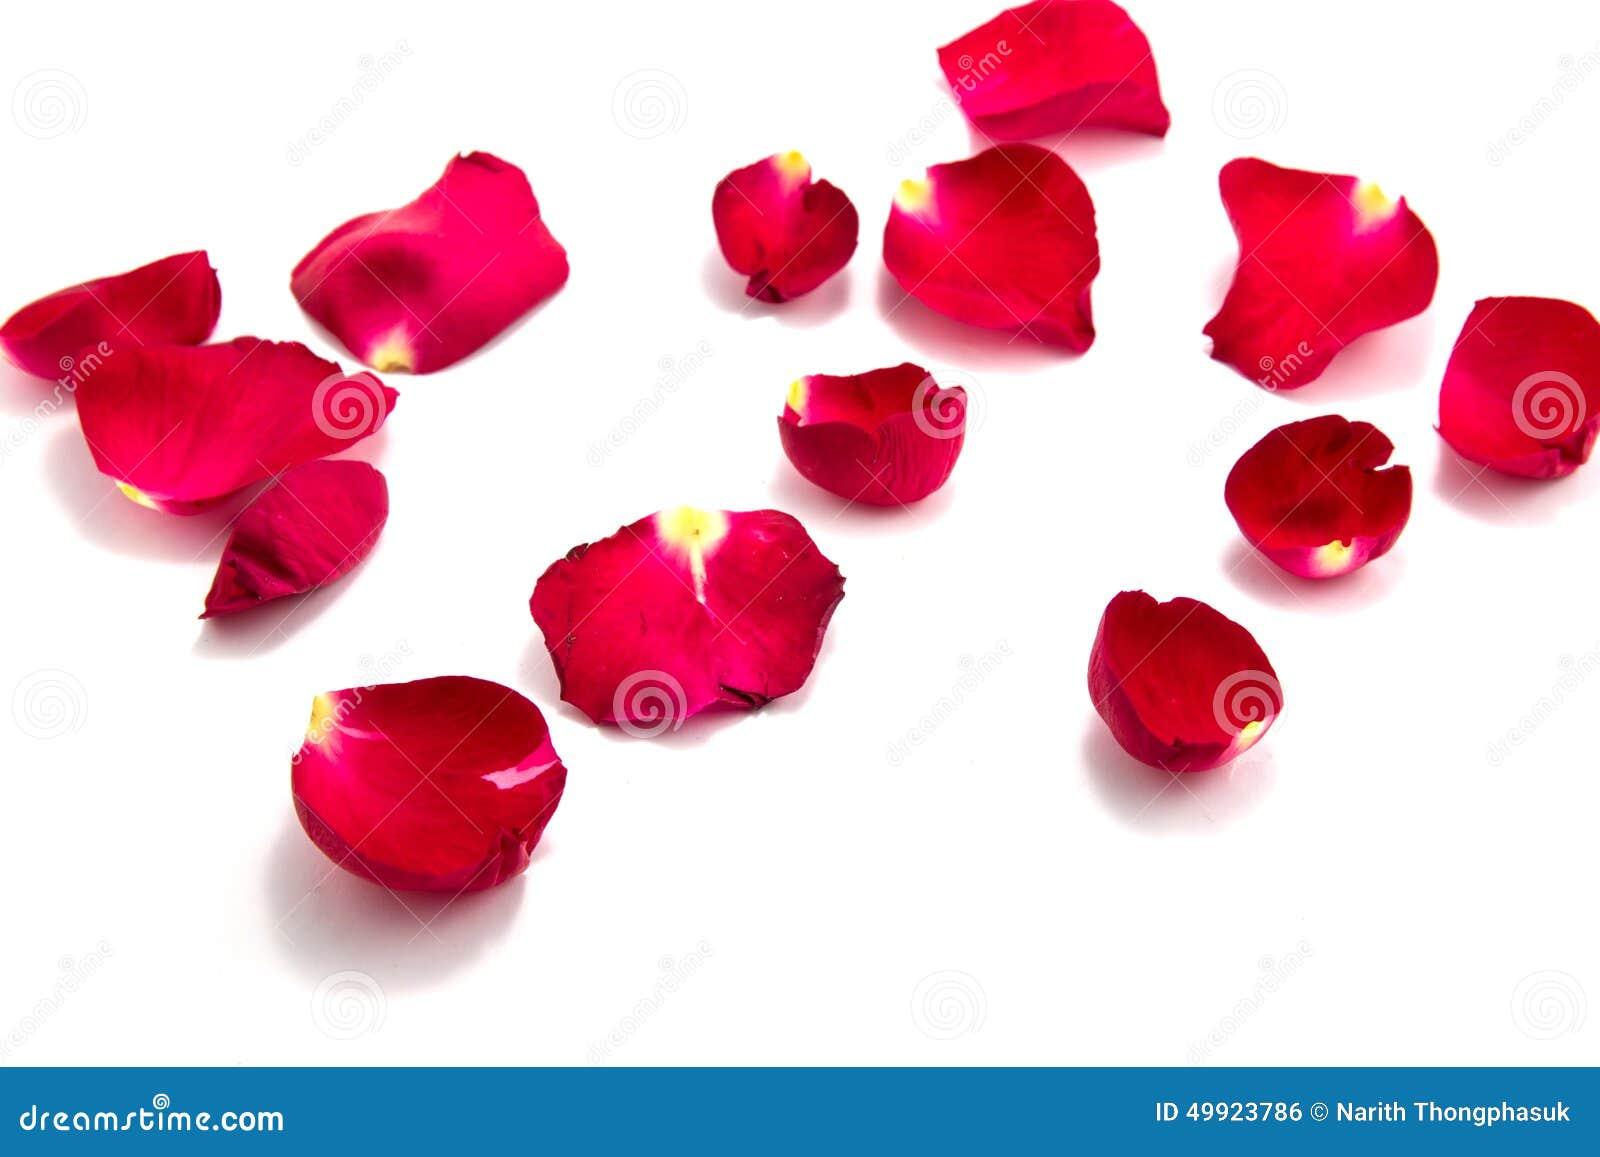 Symbolet av förälskelse med steg, valentins dag